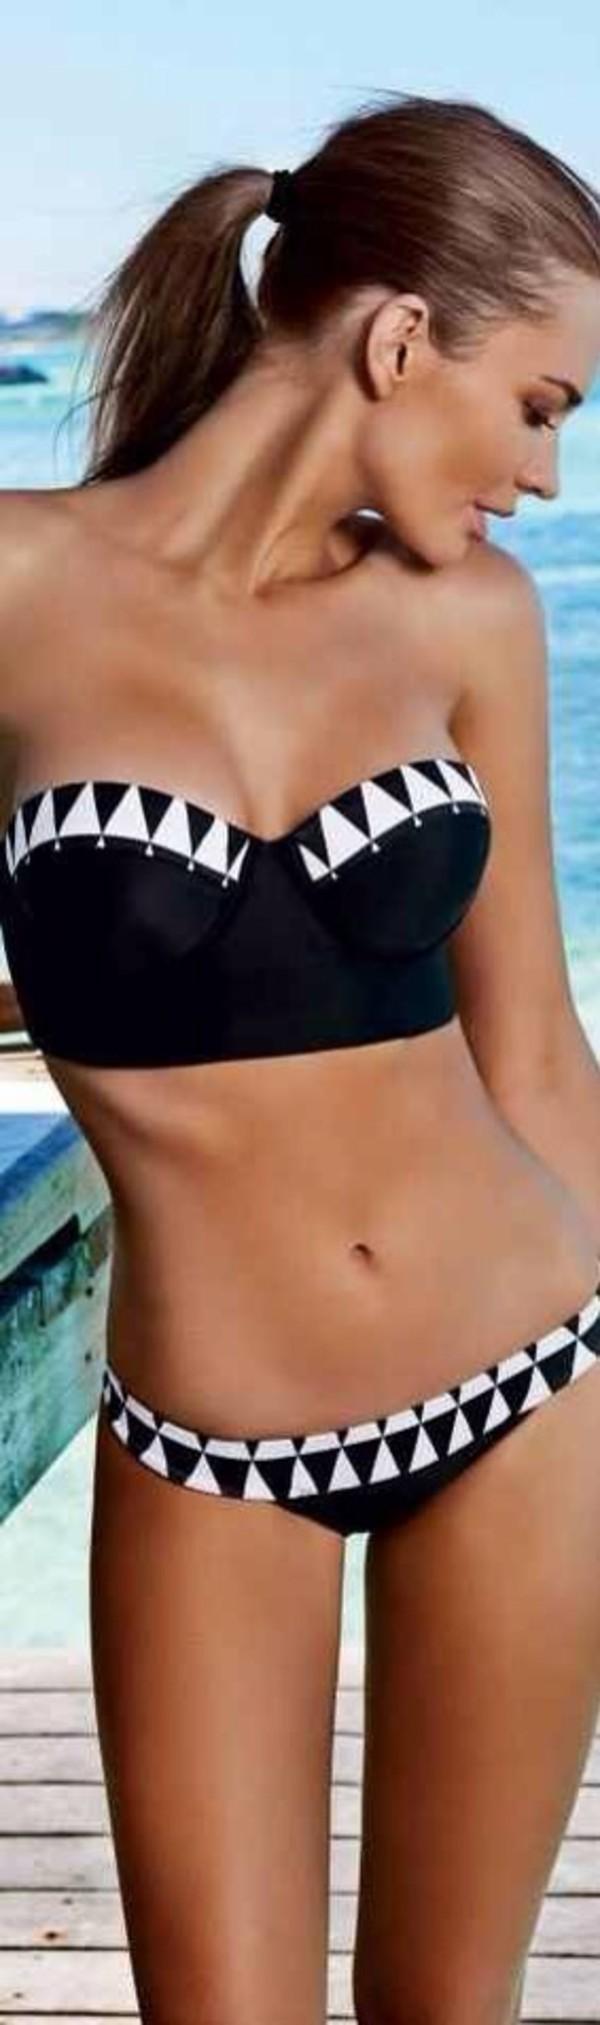 swimwear bandeau bikini black bikini top bikini black bikini black and white geometric